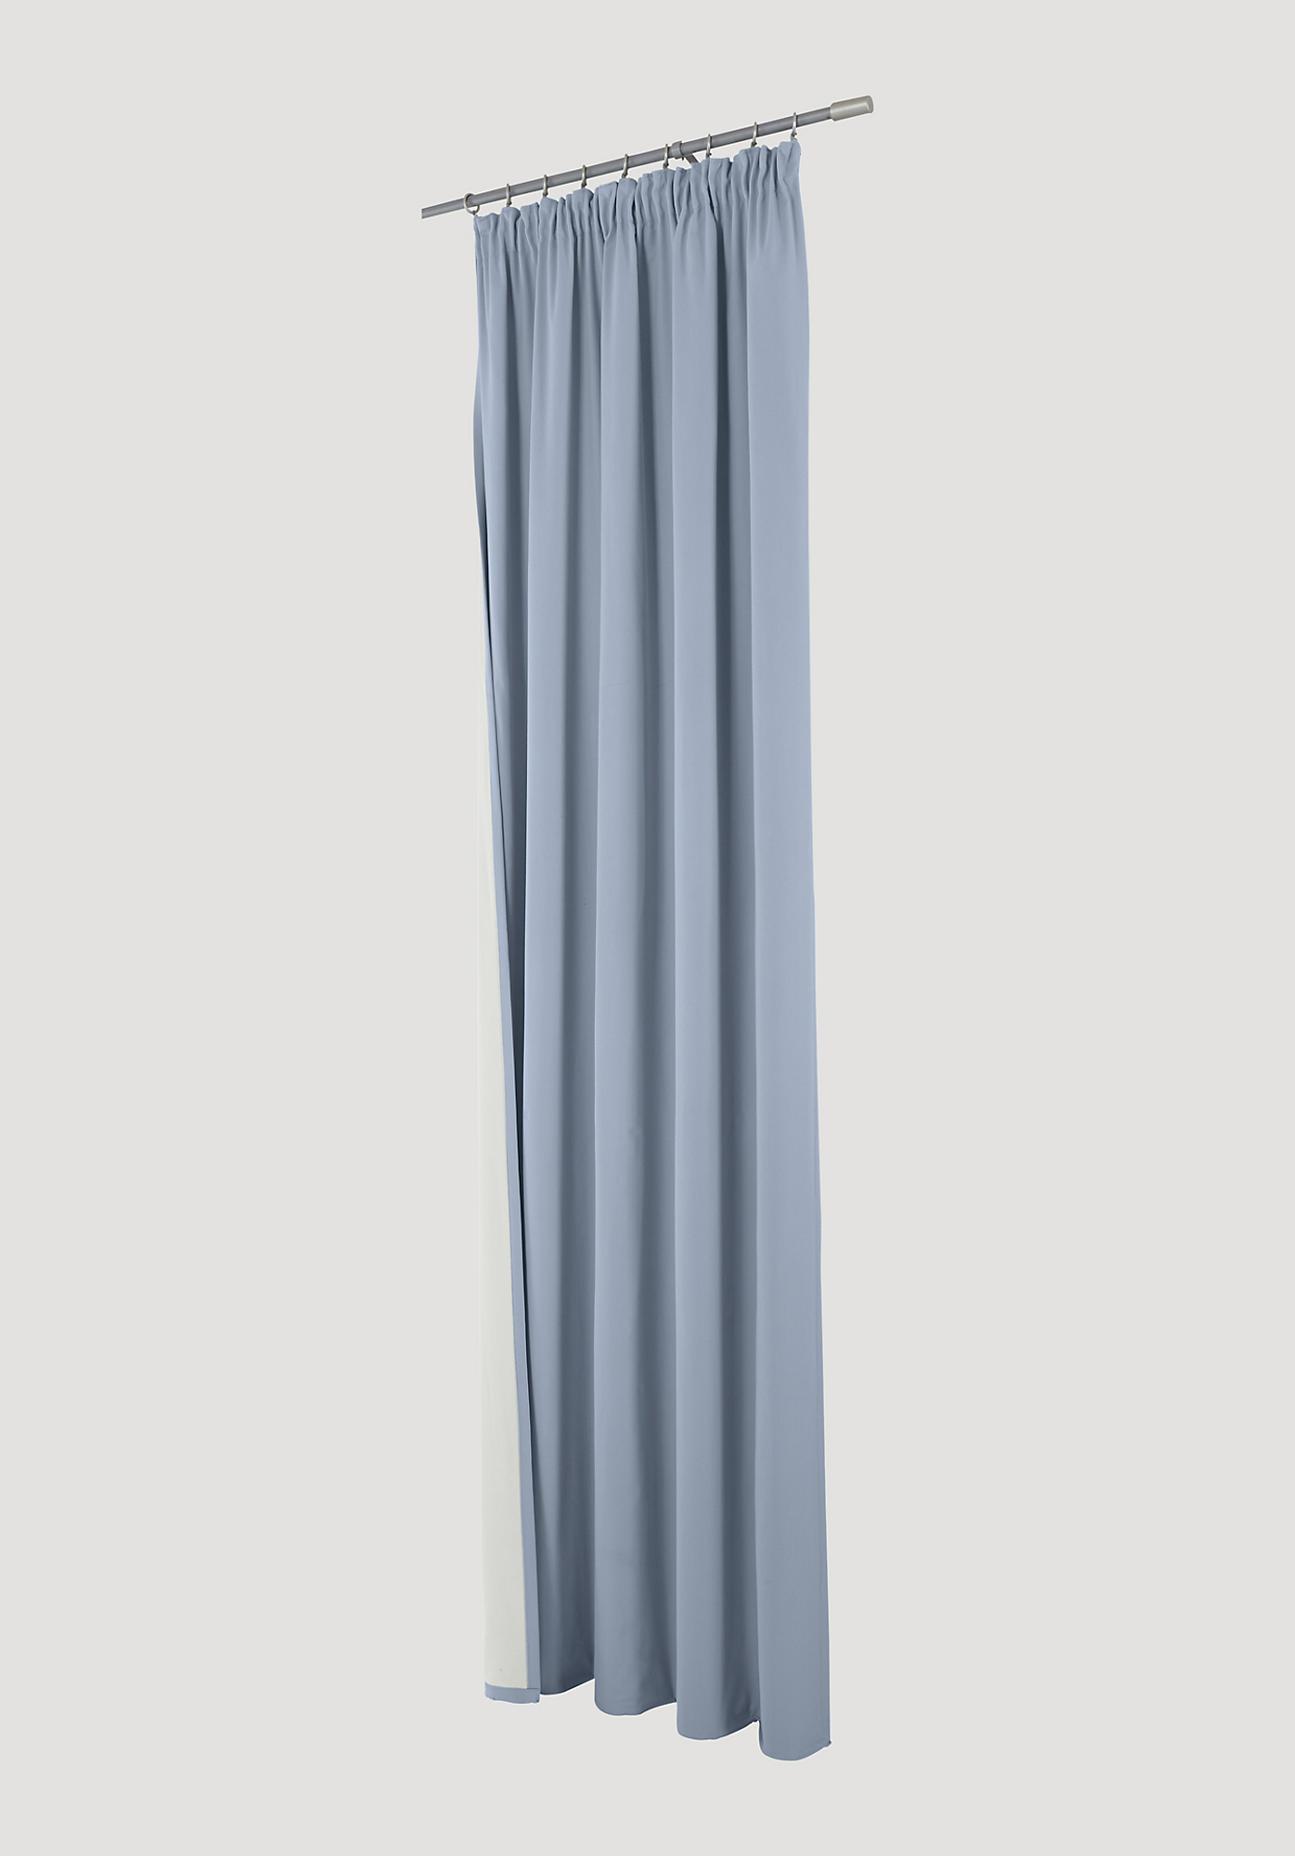 hessnatur Thermo-Vorhang mit Faltenband aus Bio-Baumwolle – blau – Größe 245x132cm